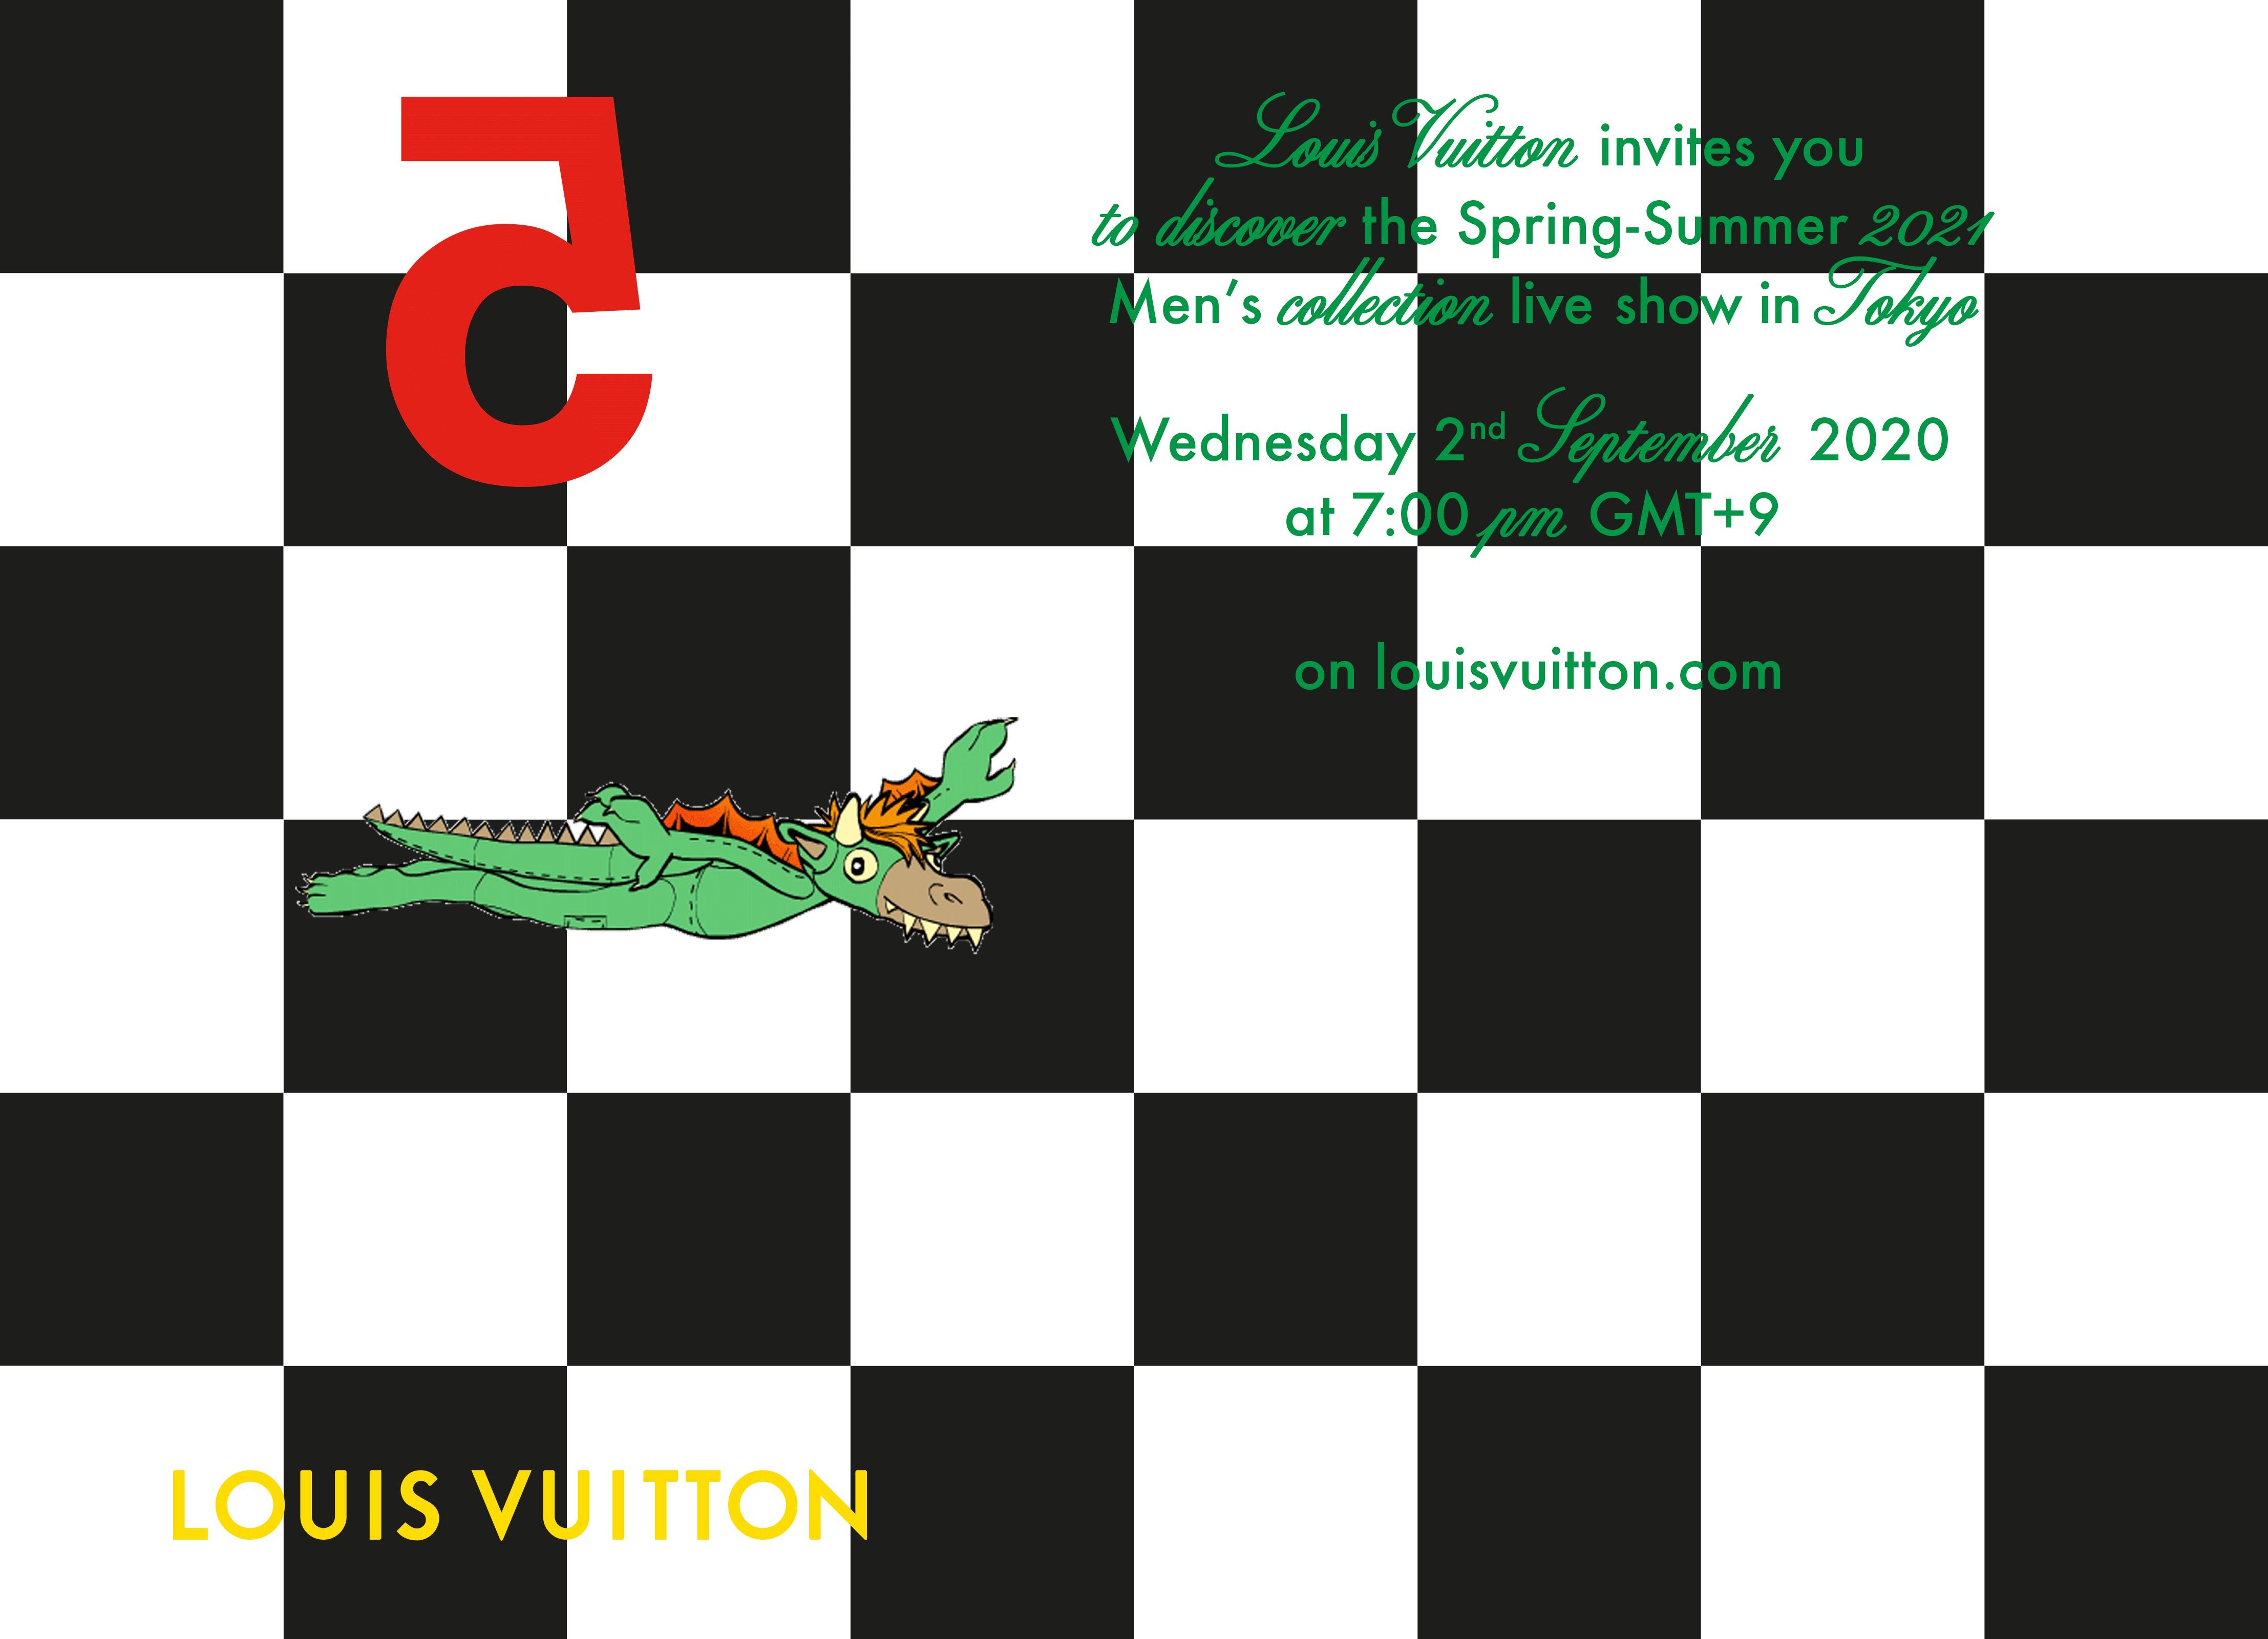 世界配信Louis Vuittonメンズコレクションショー東京初開催 最新ルック60体追加